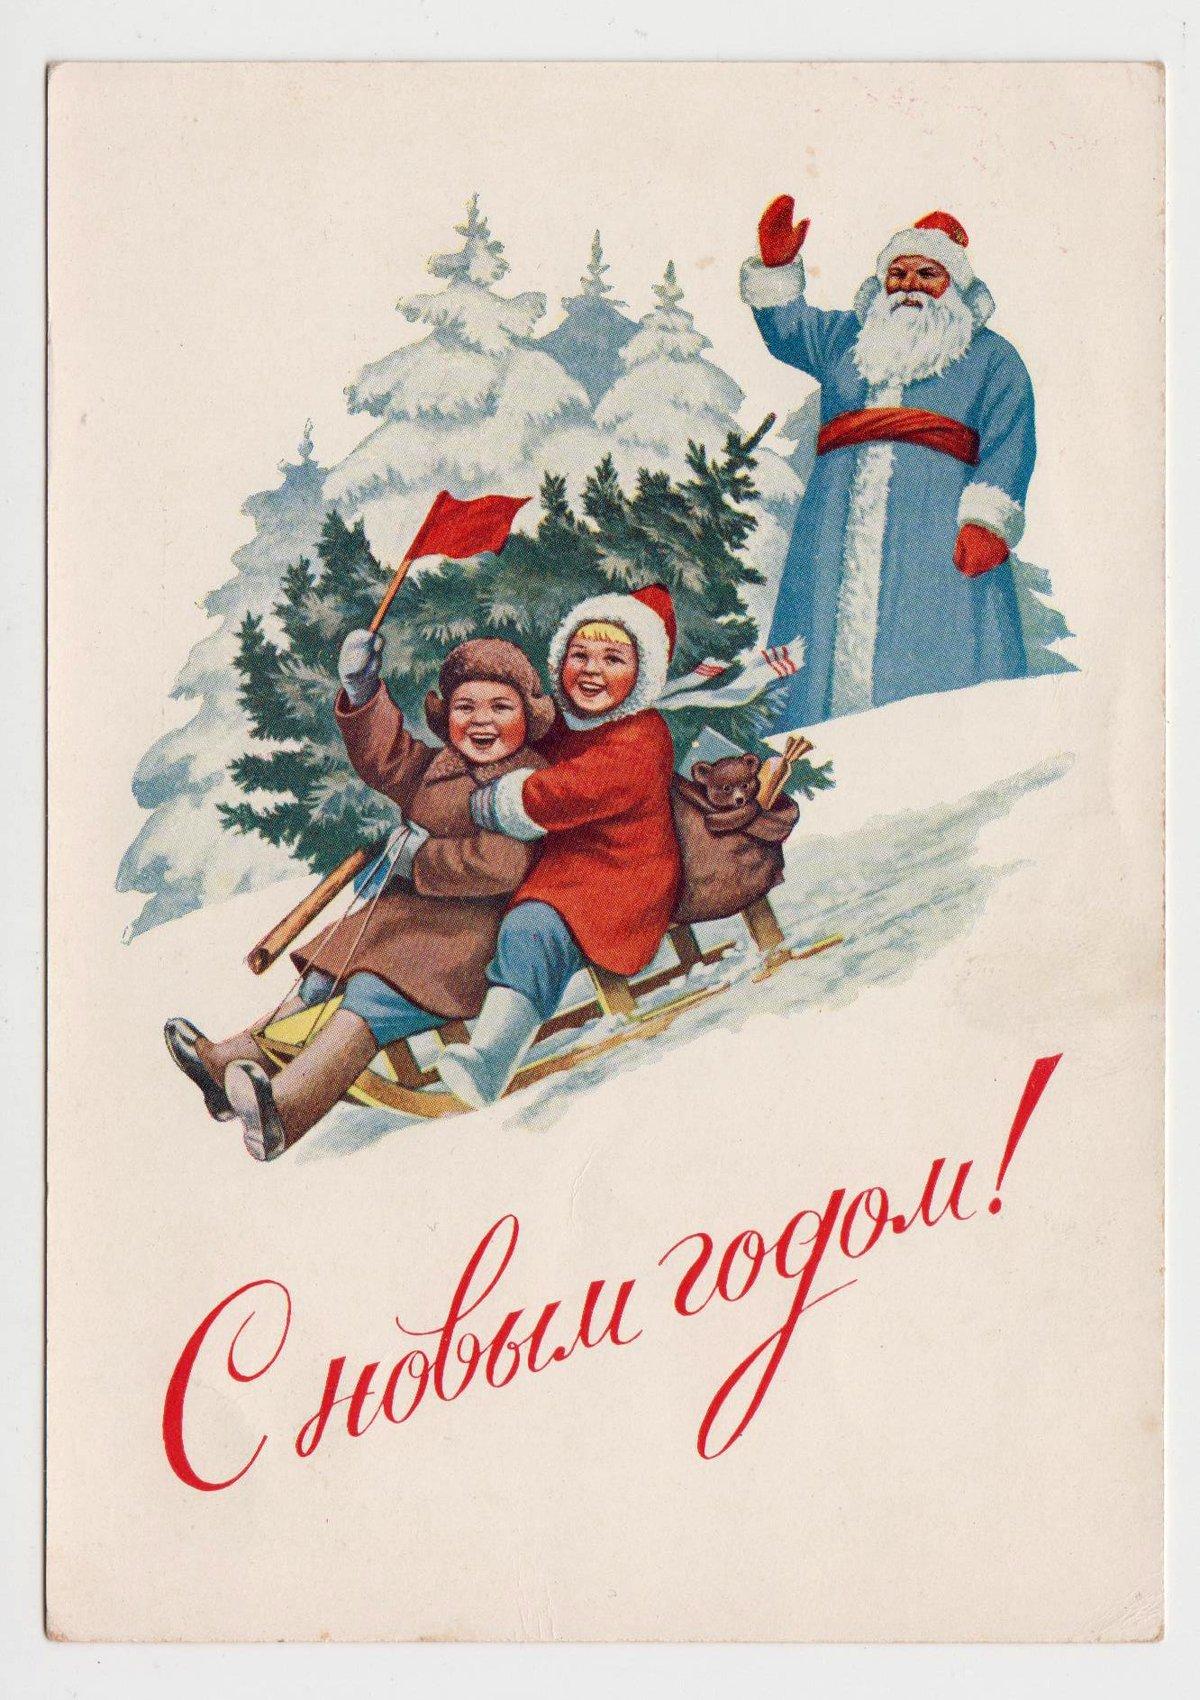 ранней описание советских открыток передачи